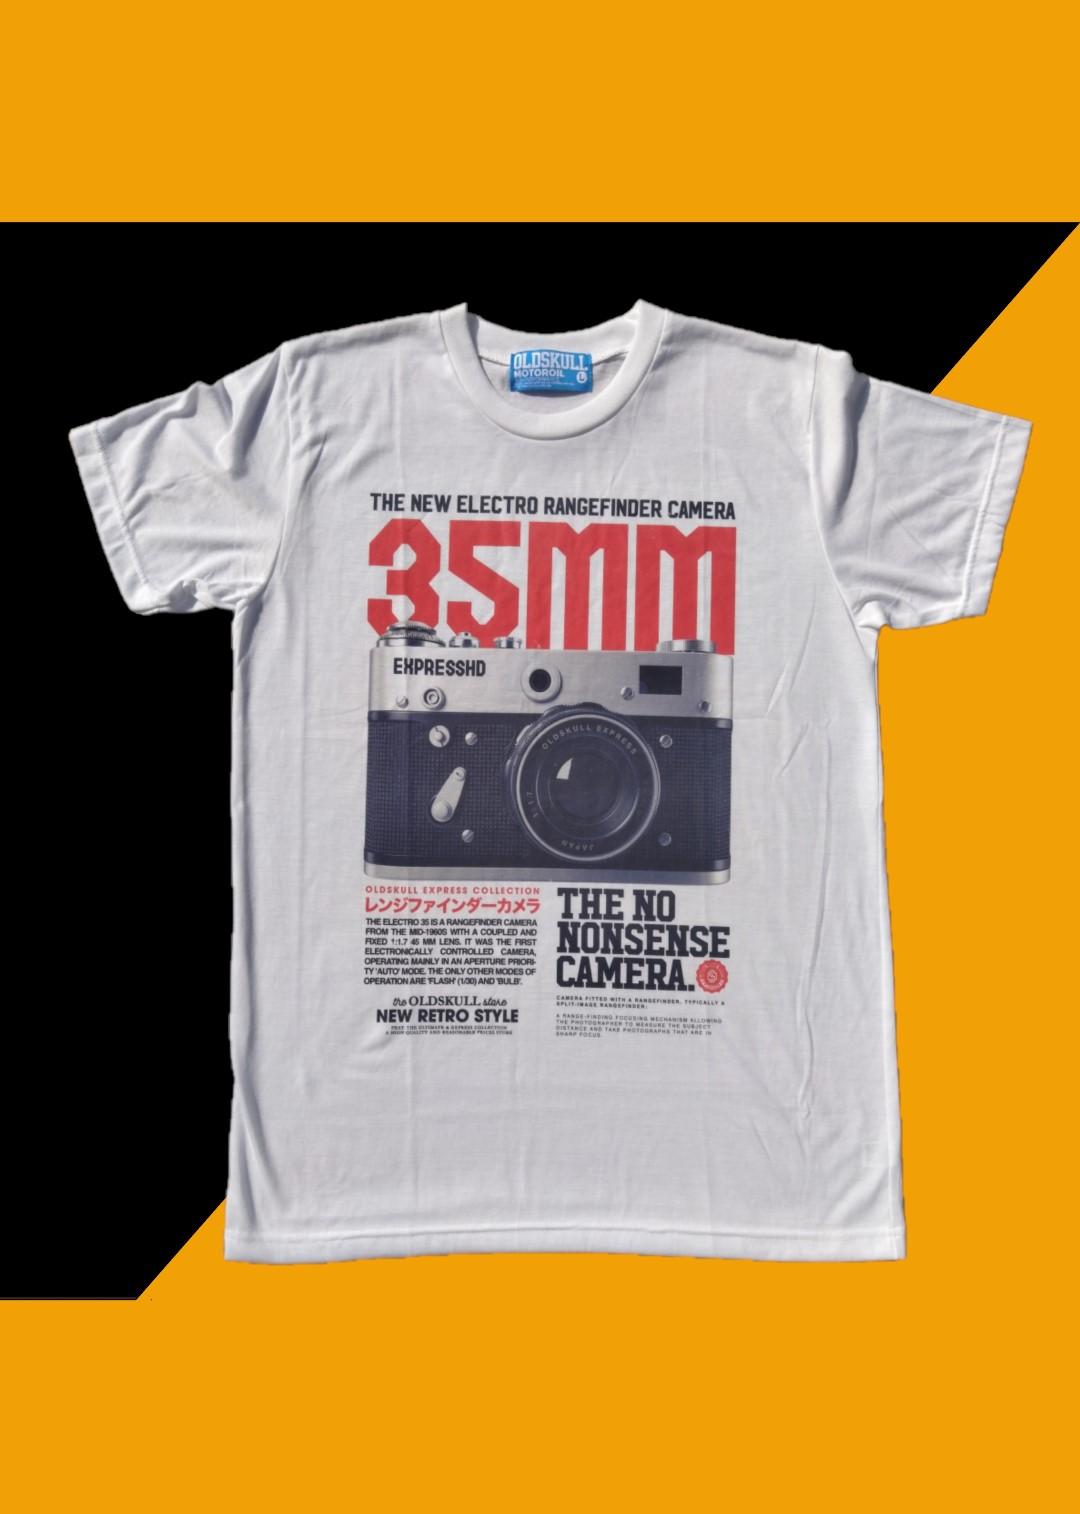 Tee shirt Oldskull 35mm.